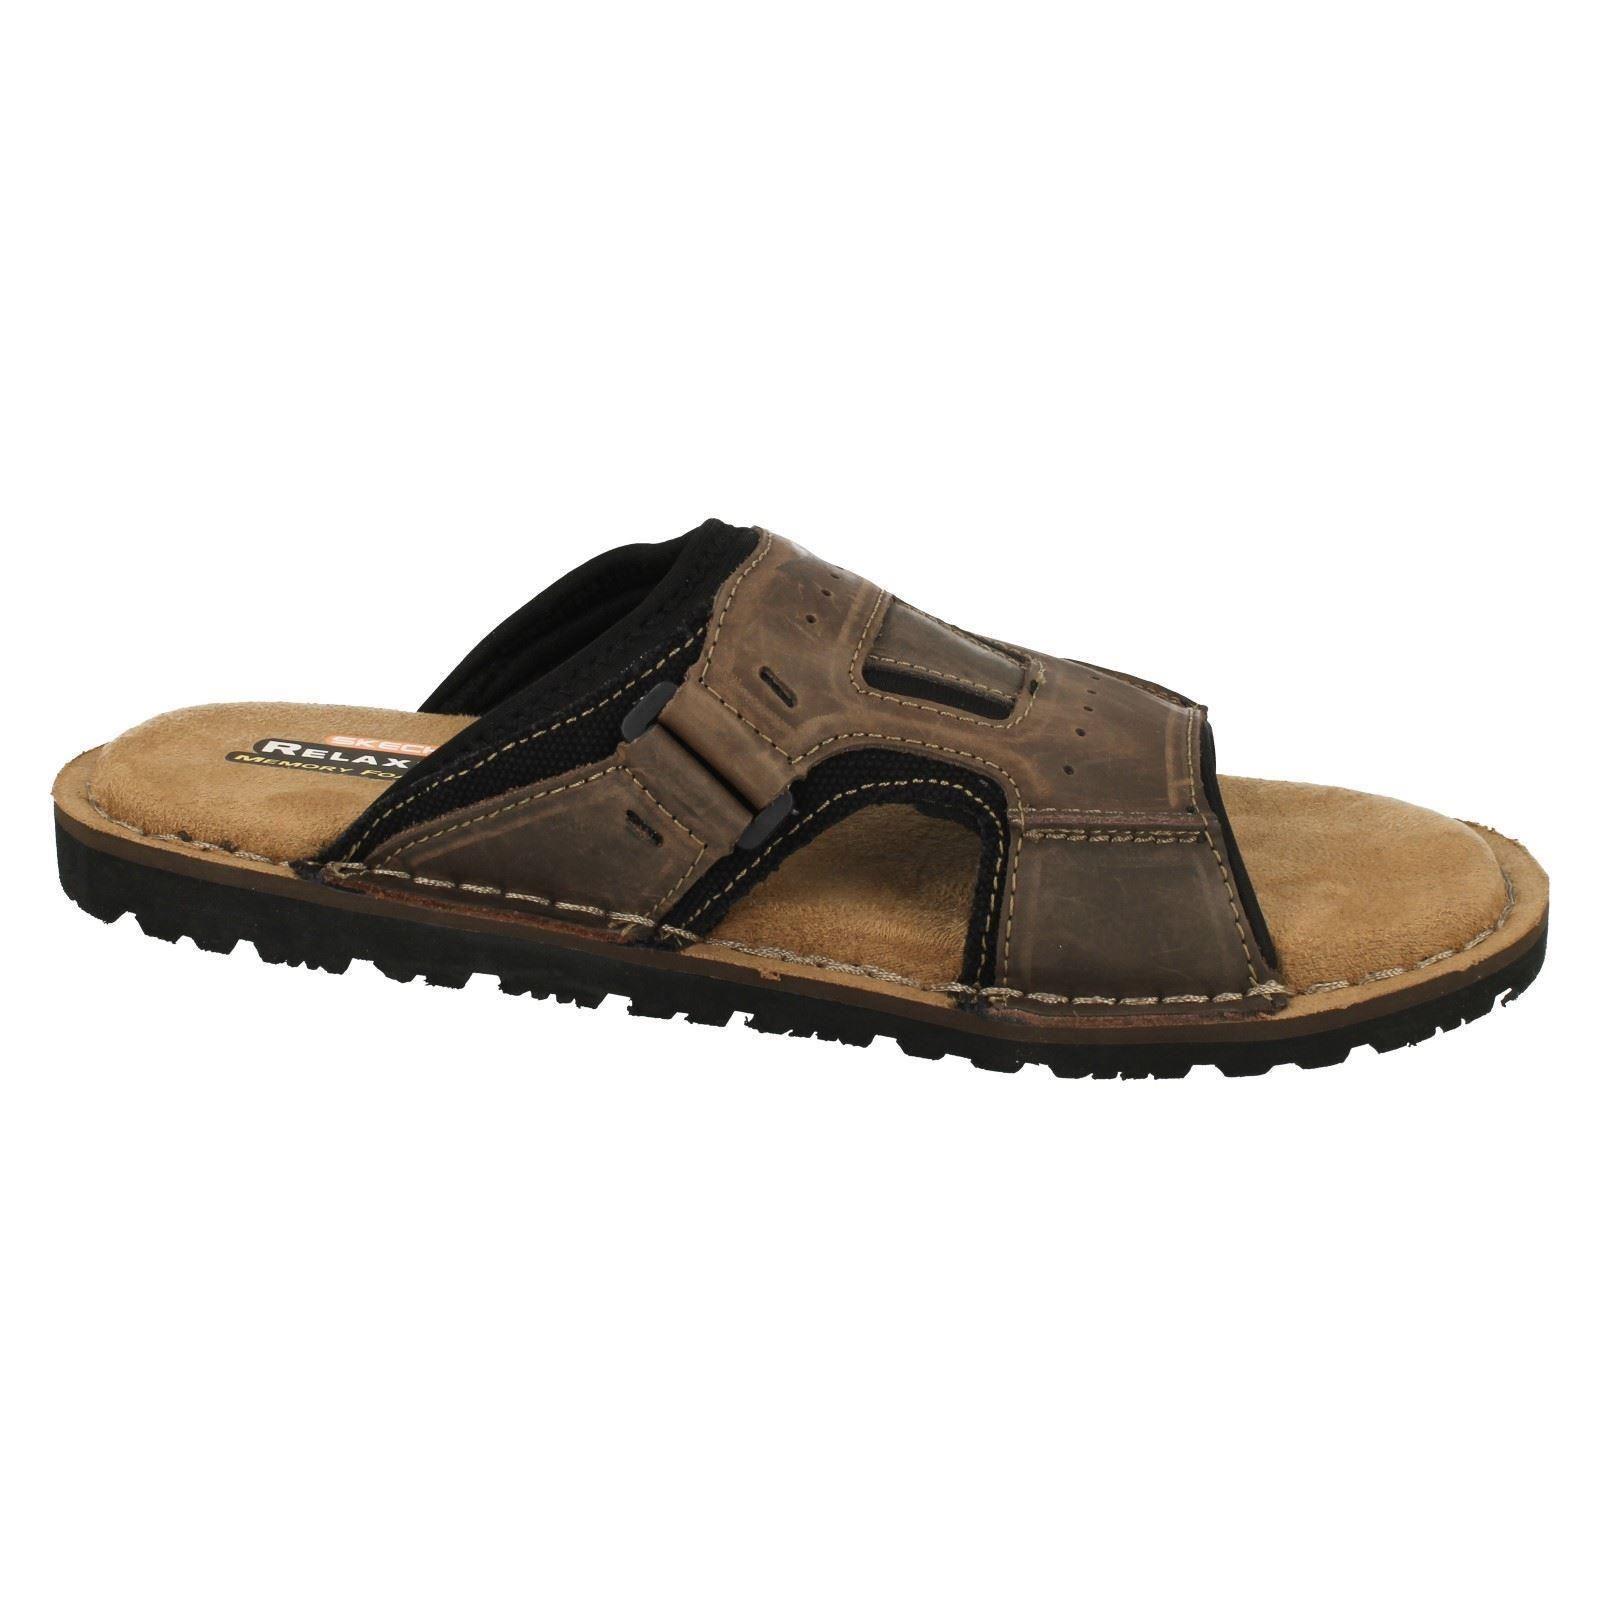 Mens Skechers Open Toe Memory Foam Slip On Leather Sandals Golson 64148